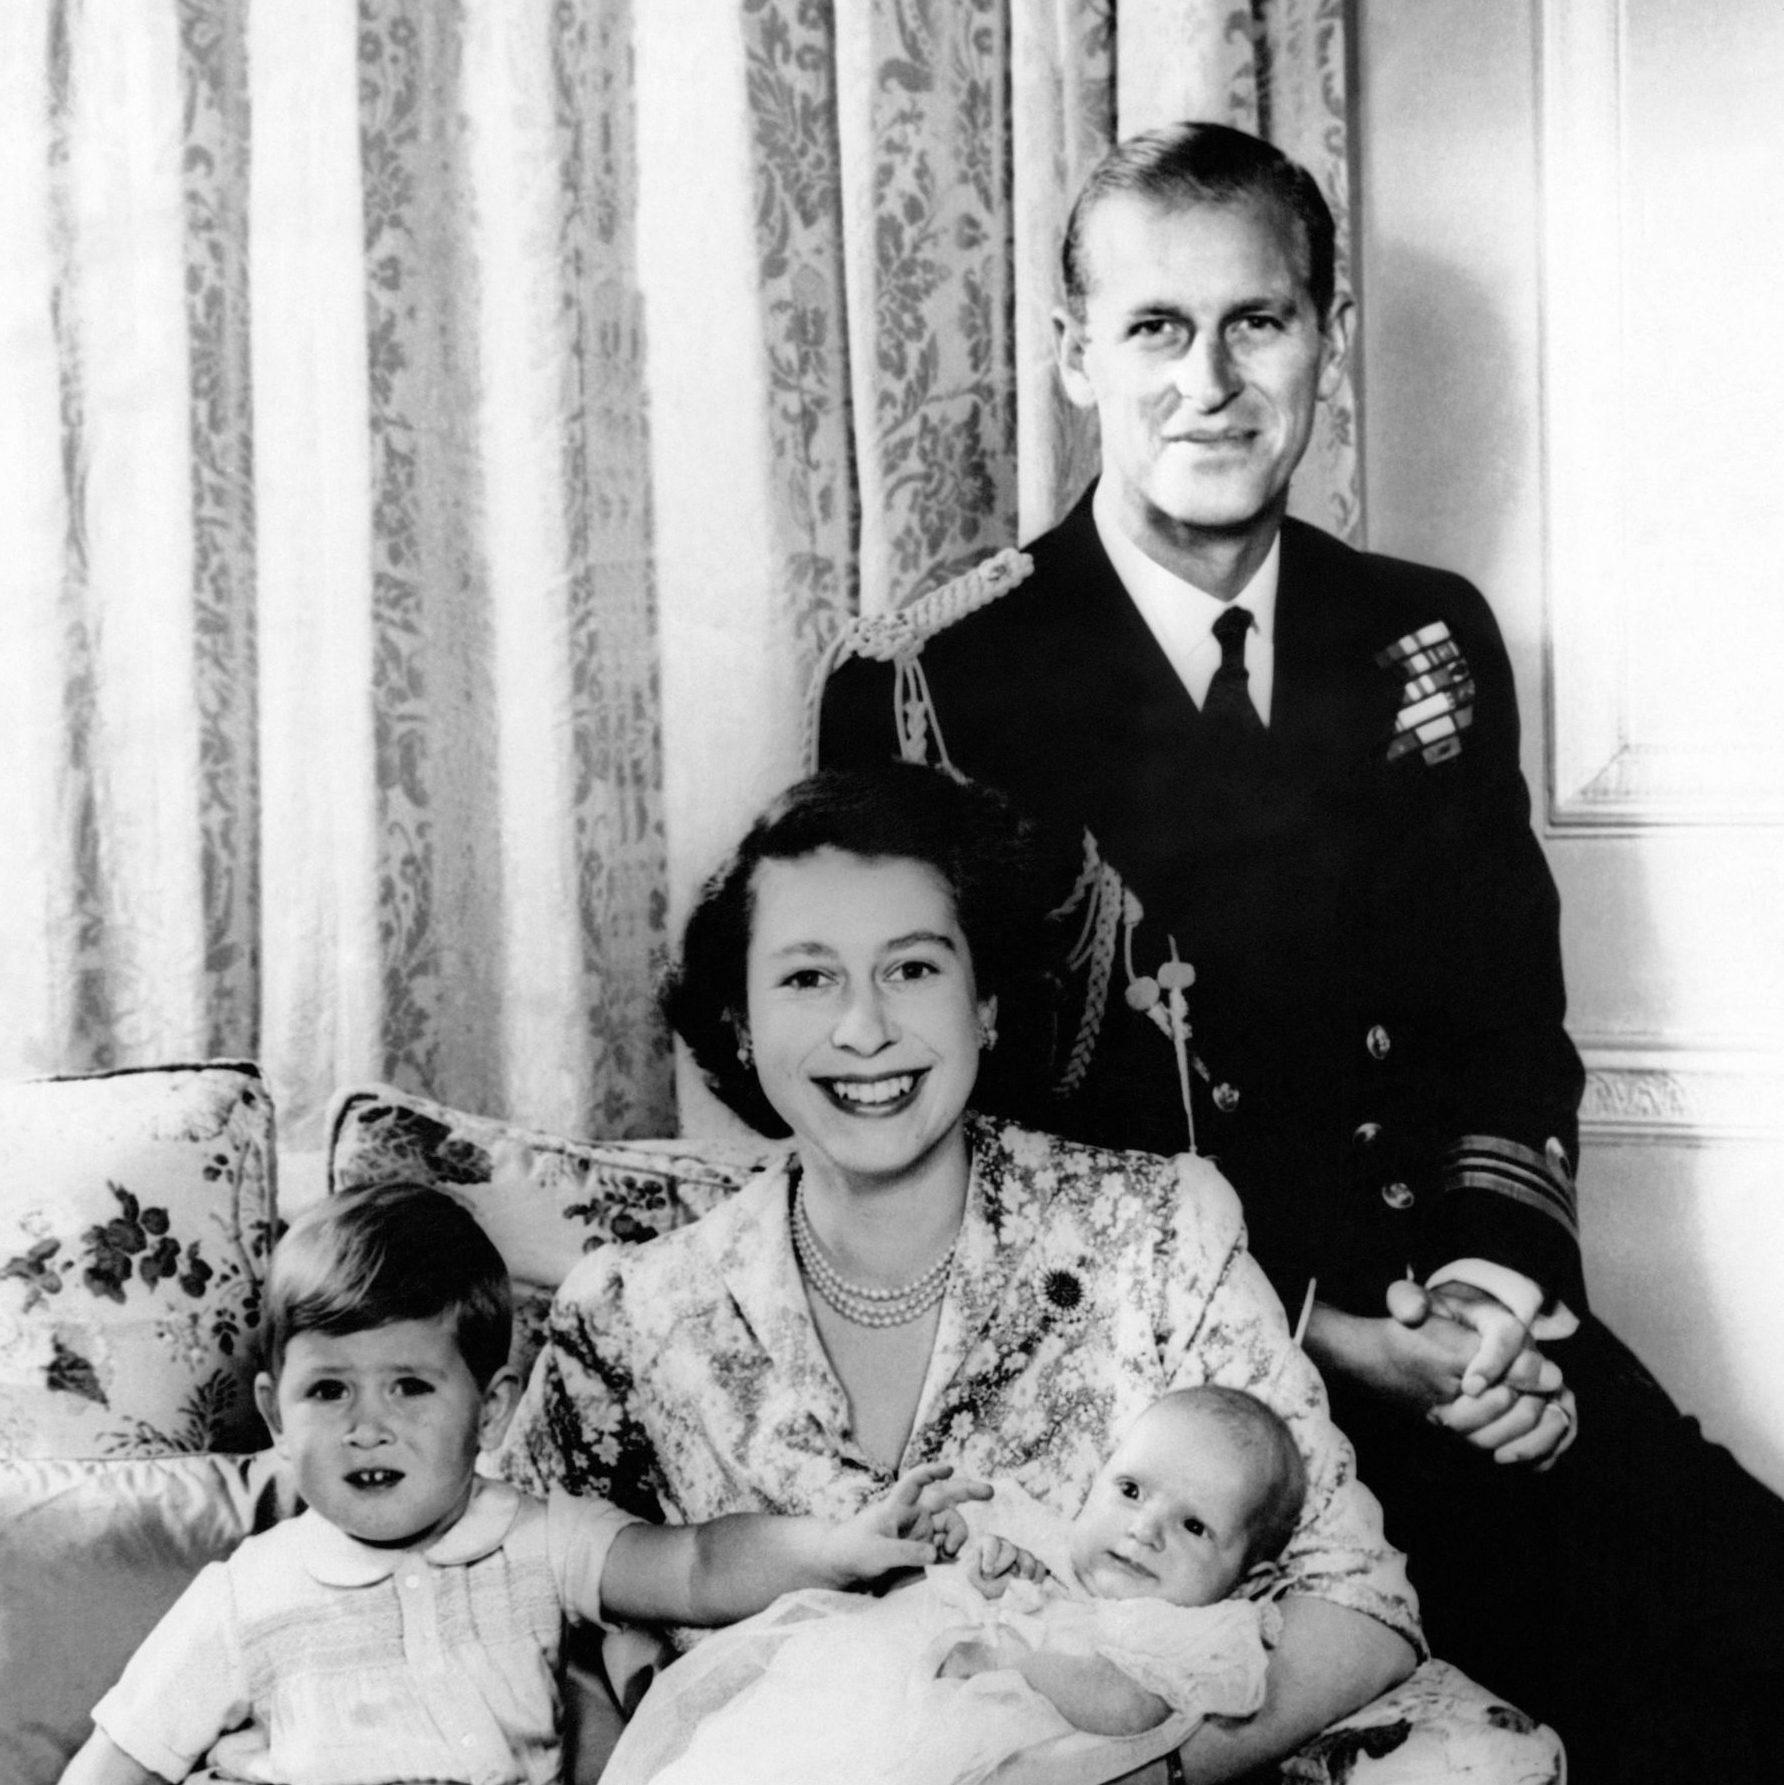 Photographie Officielle De La Famille Royale